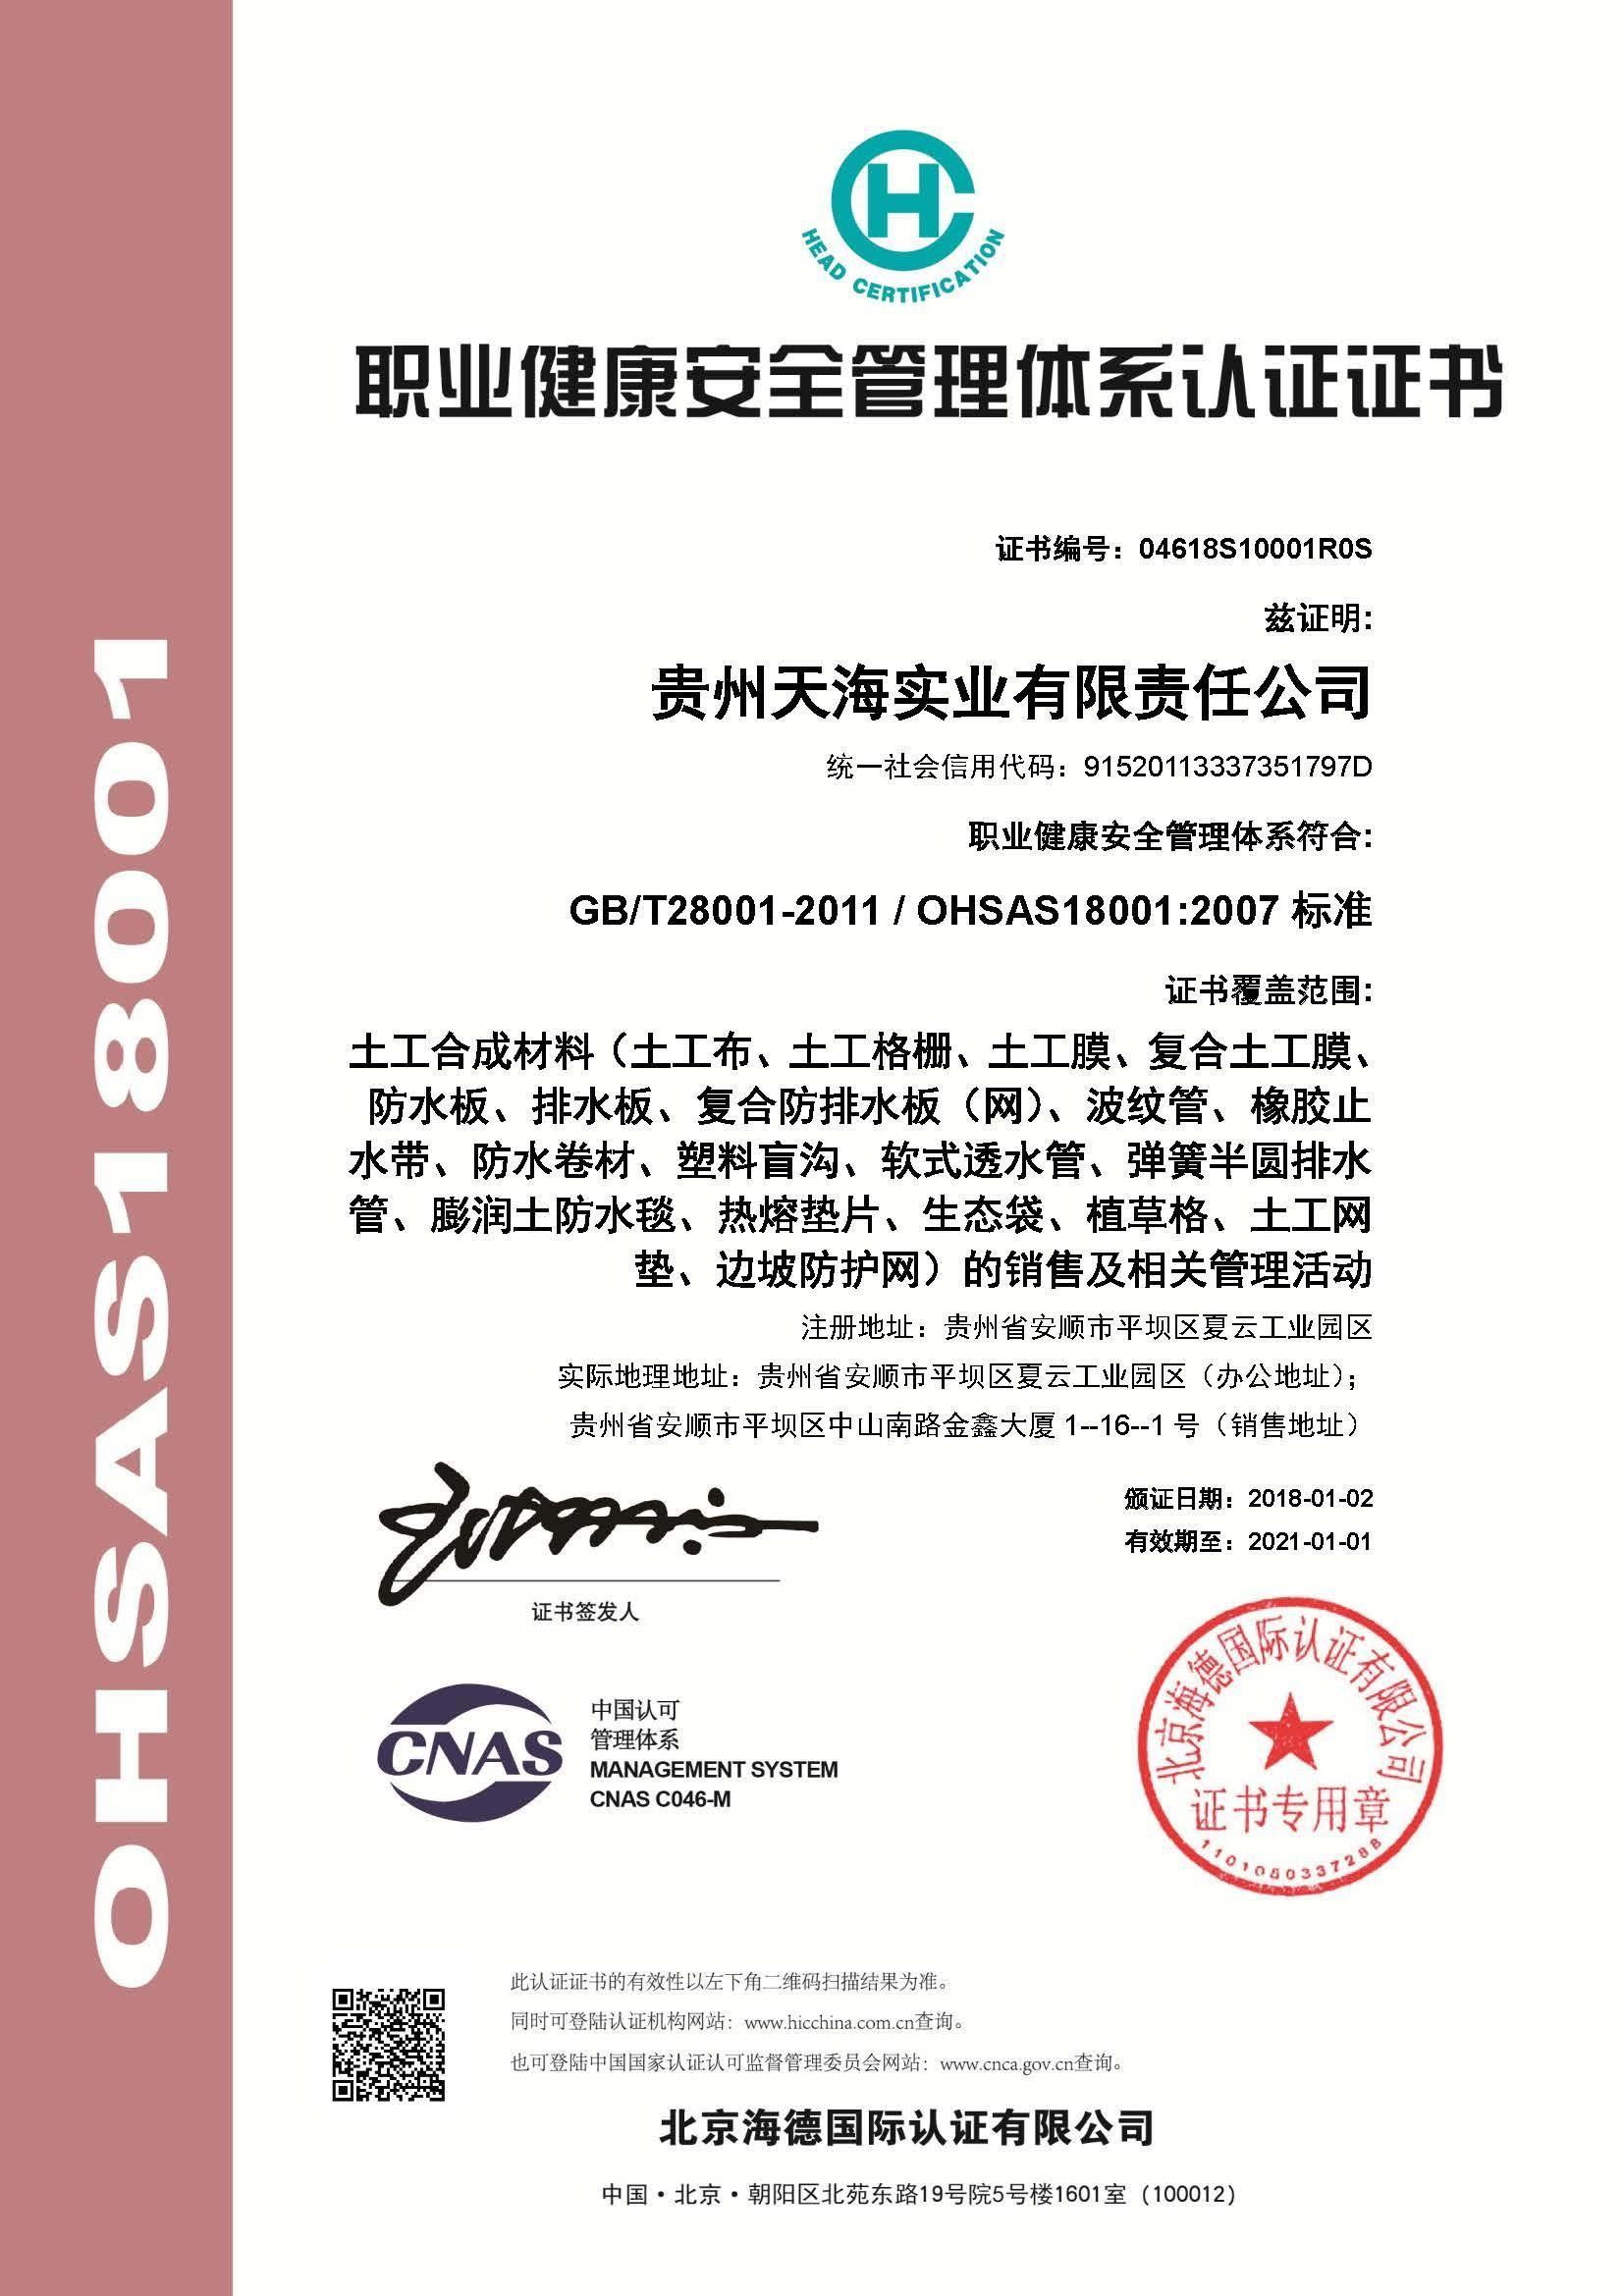 【天海】职业健康安全管理体系认证